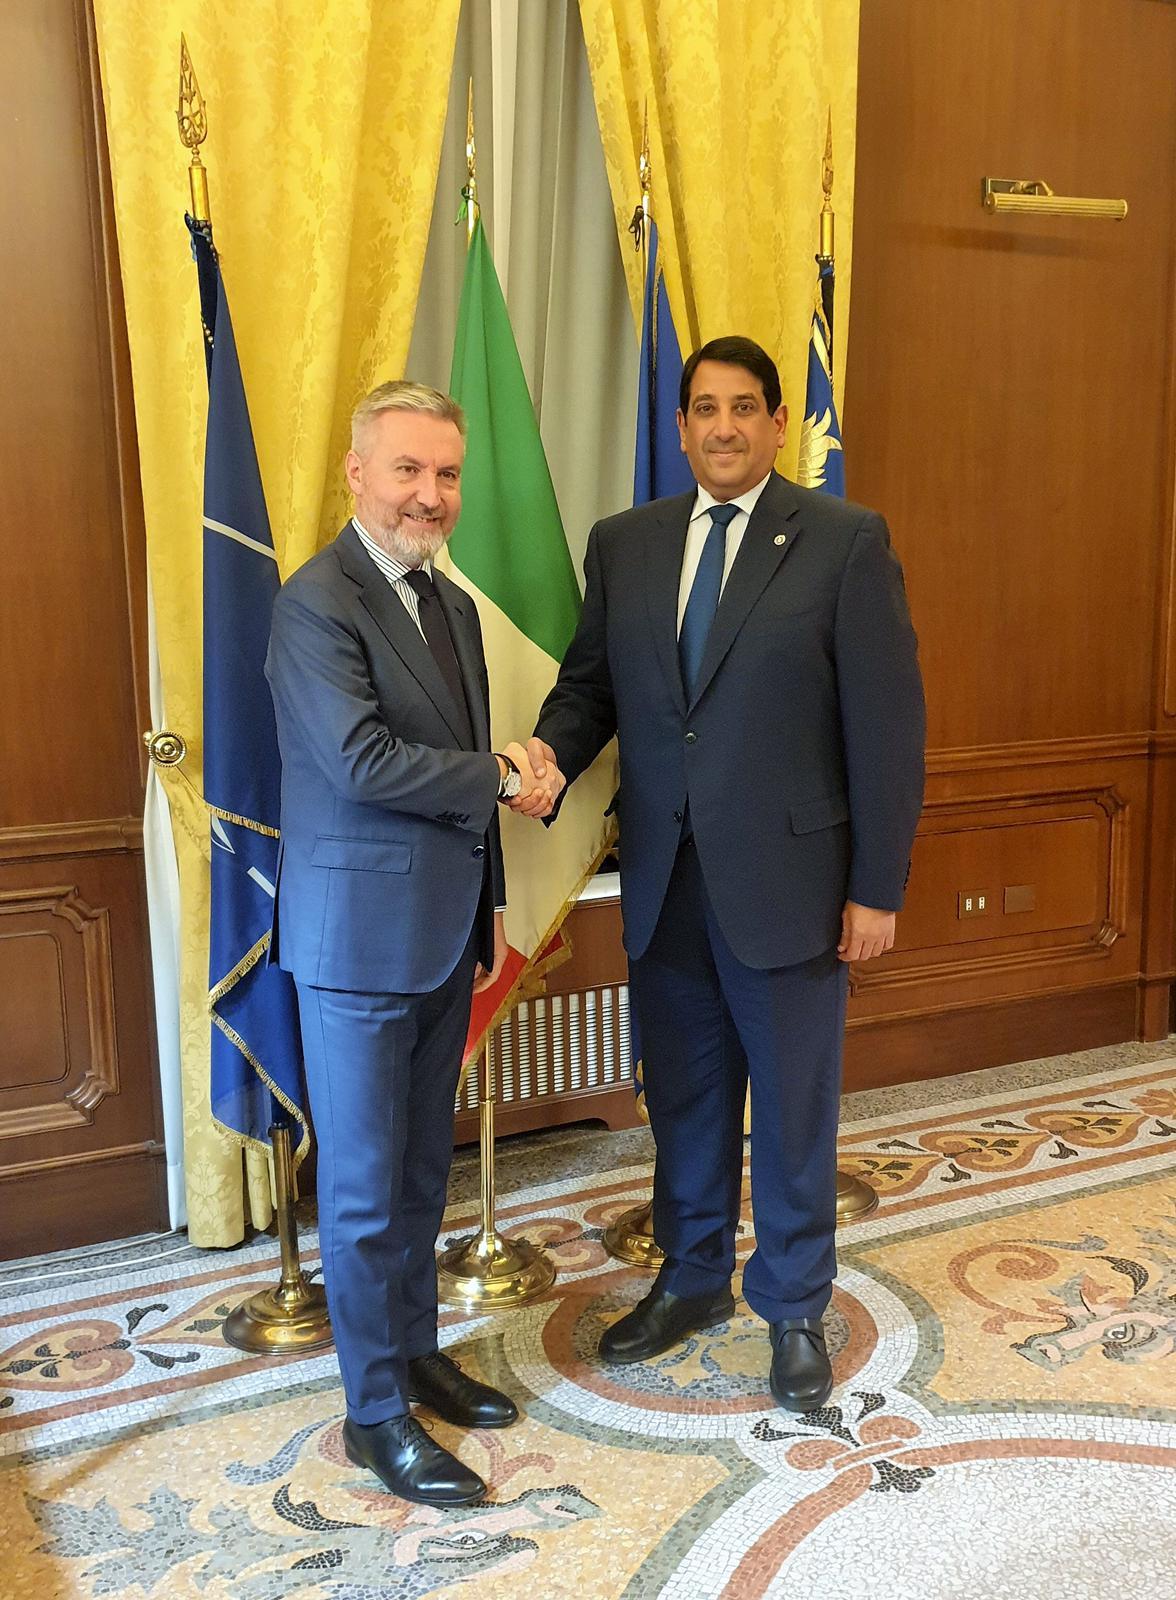 رسالة من نائب رئيس مجلس الوزراء وزير الخارجية إلى وزير الدفاع الإيطالي